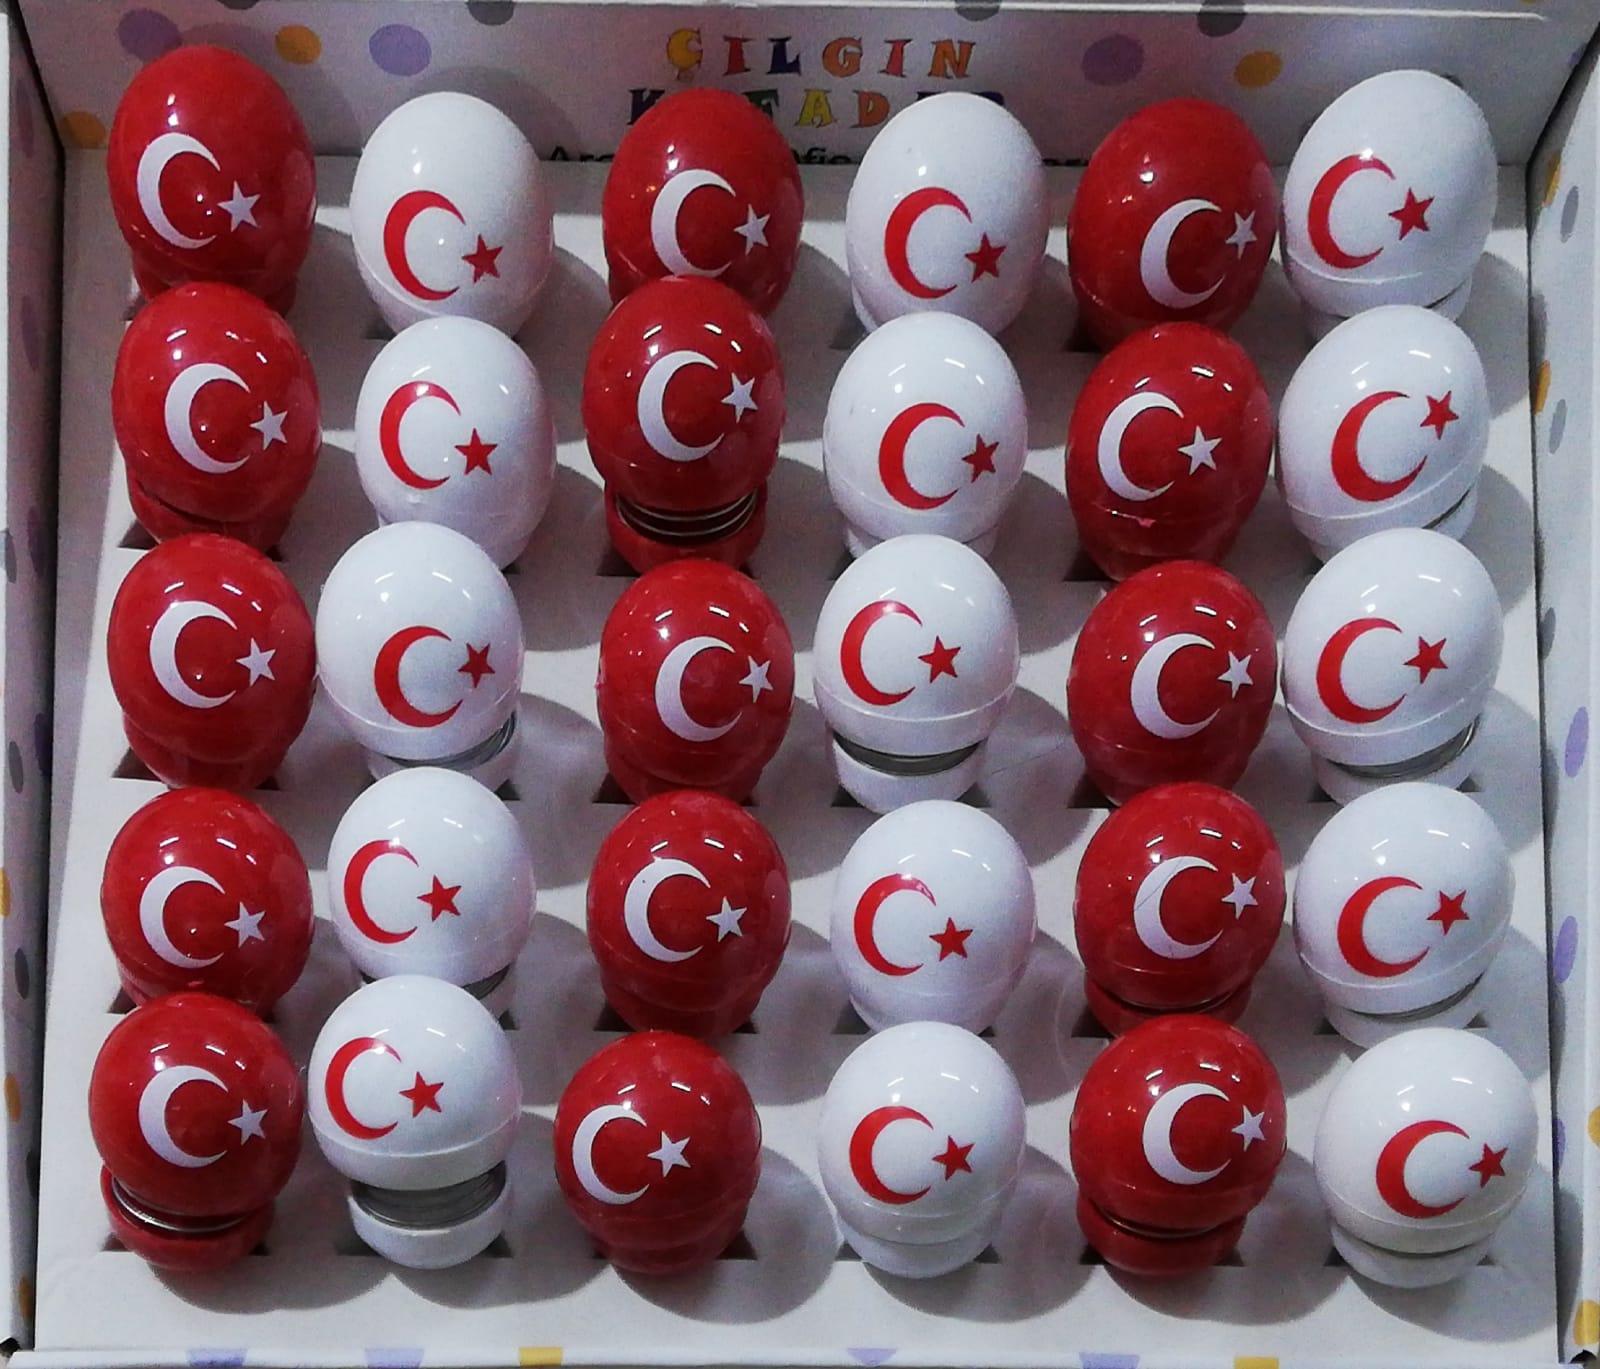 Türkiye AY YILDIZ Zıp Zıp Kafa Sallanan Tekli ve 30 lu Satiş